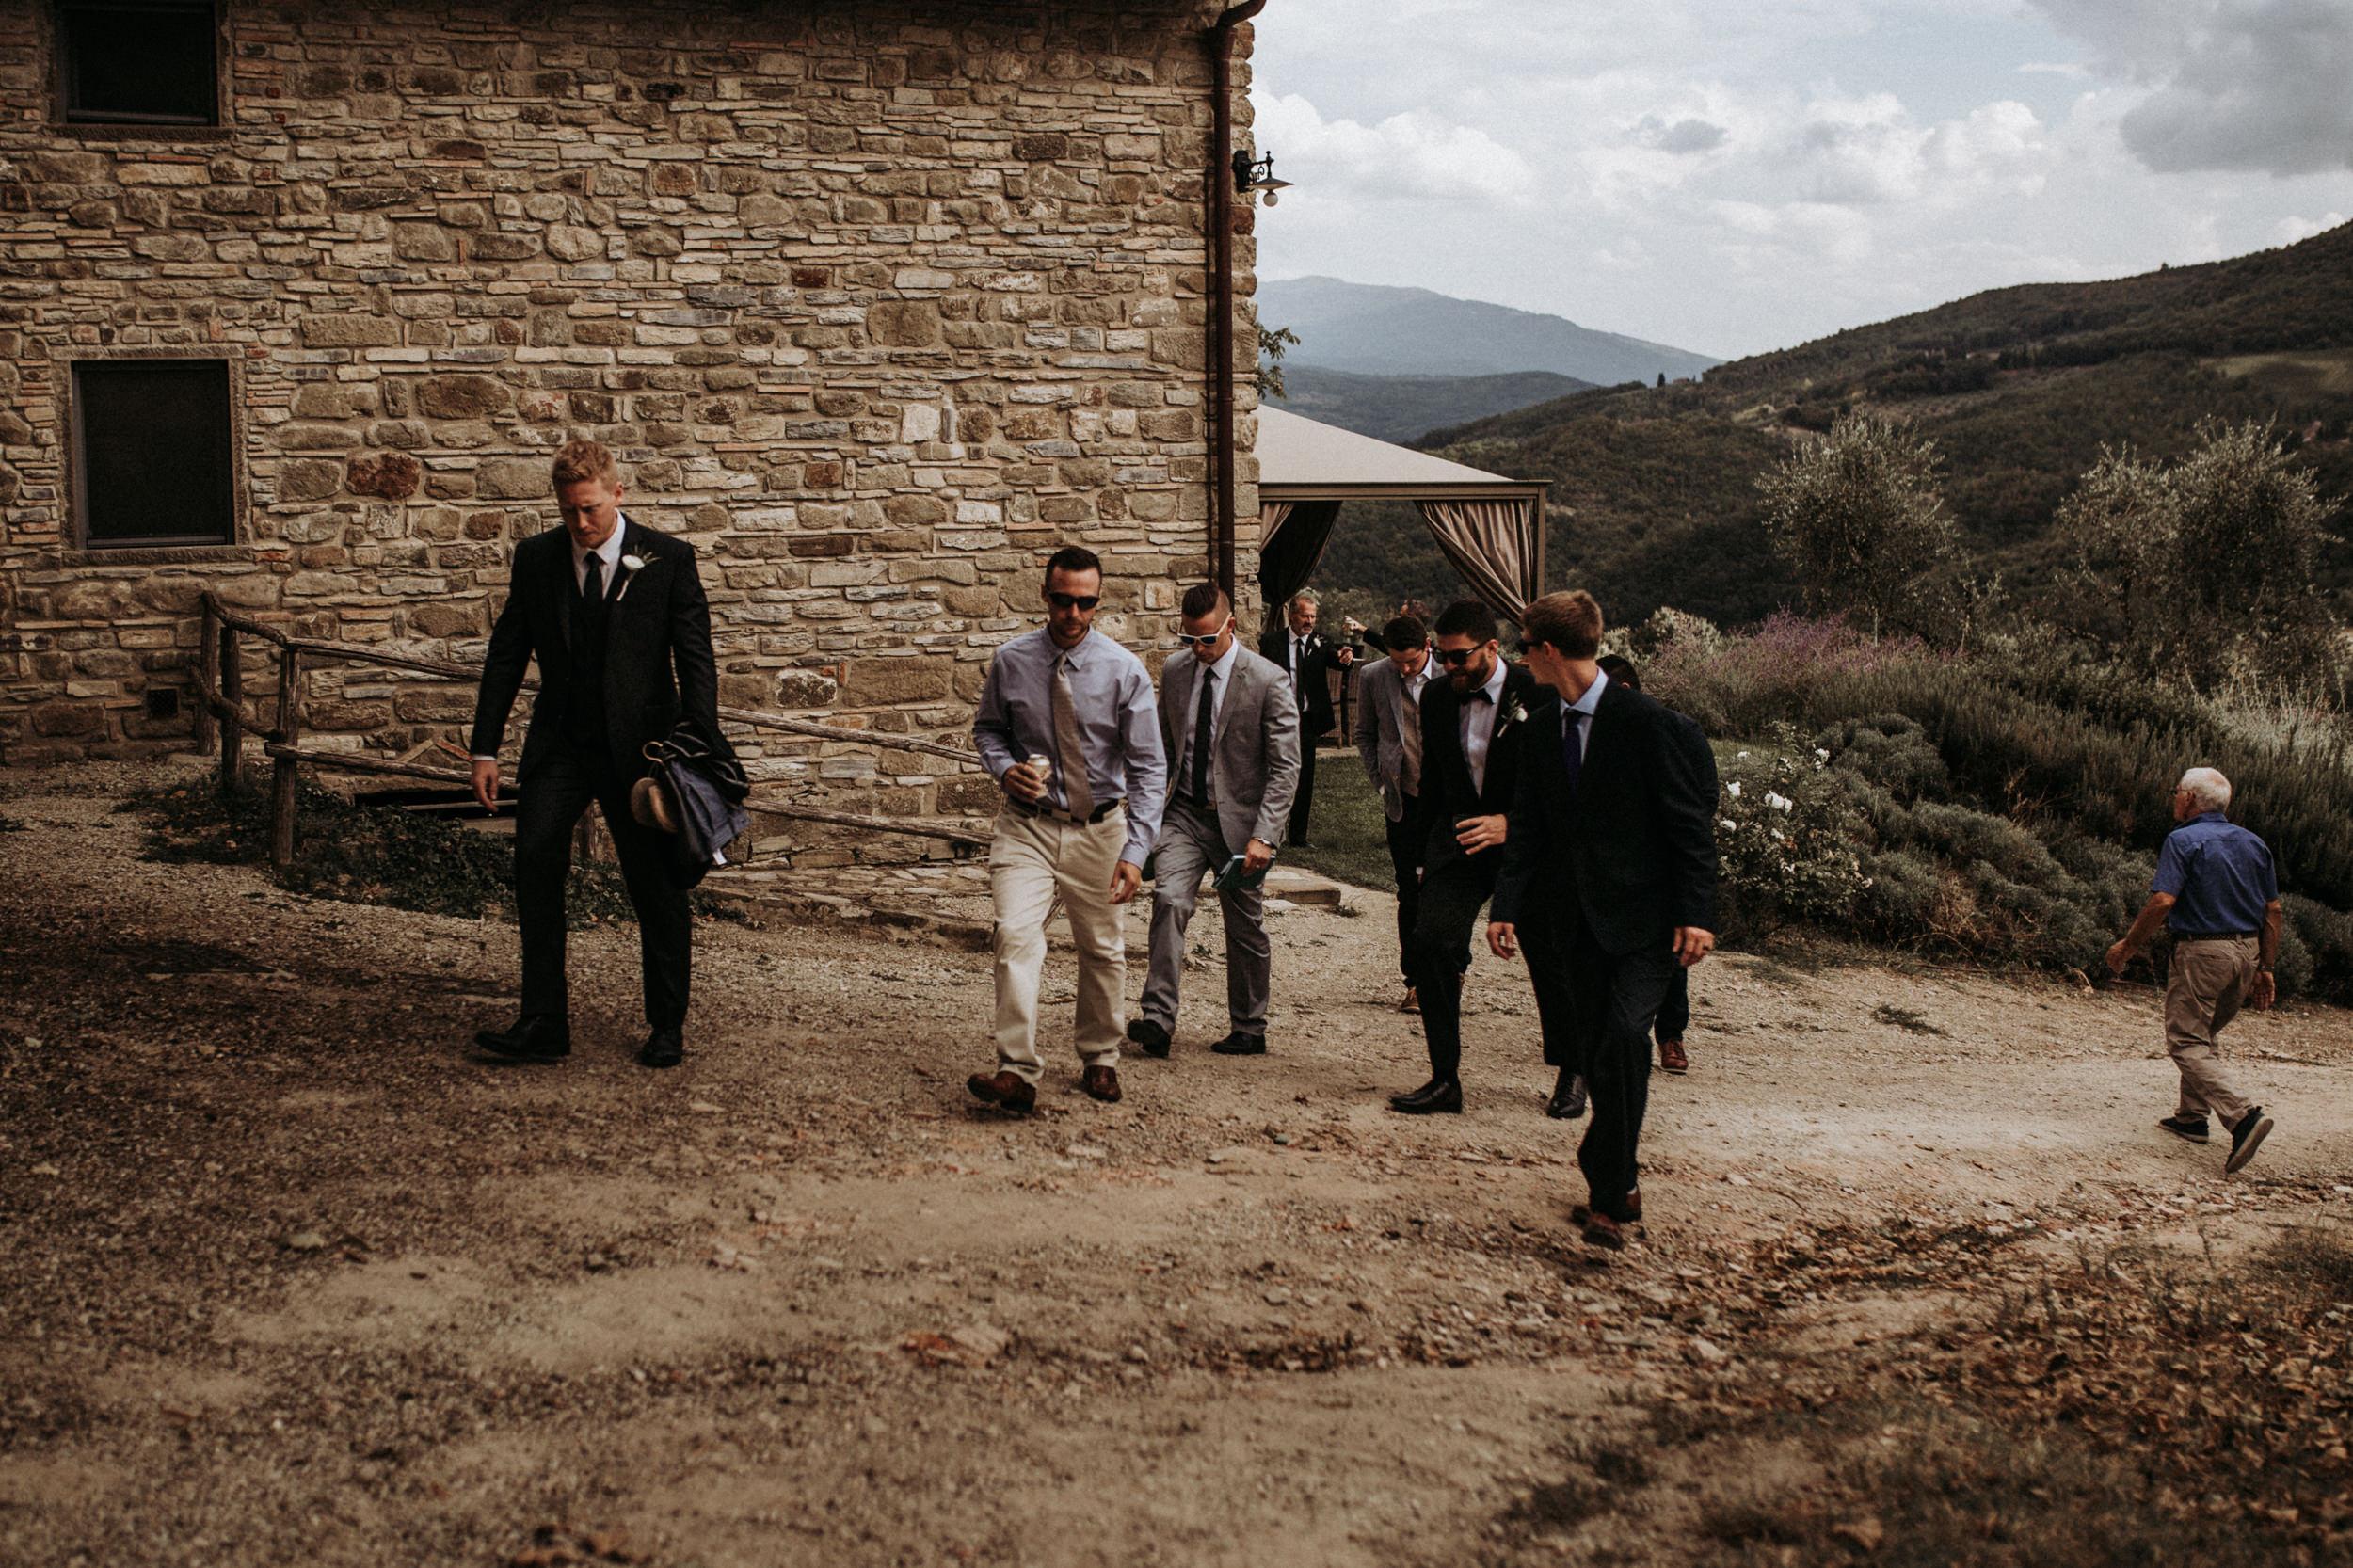 dm_photography_KW_Tuscanyweddingday_174